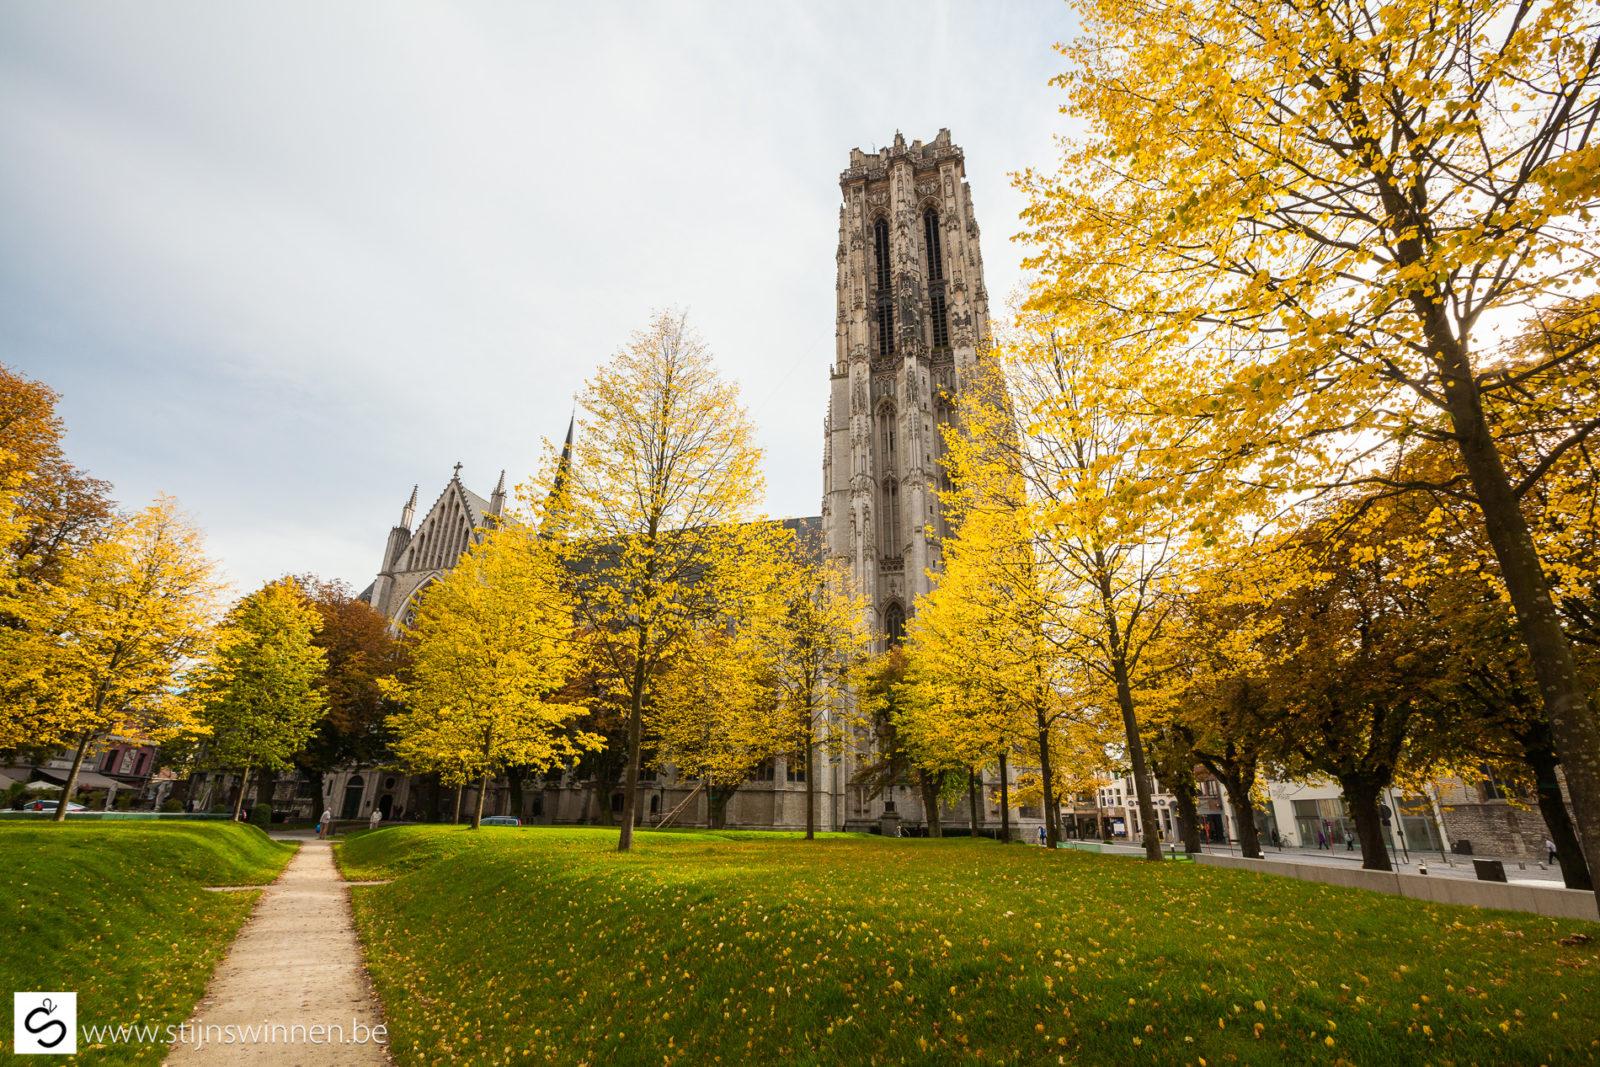 Mooie herfstkleuren in de Mechelse binnenstad